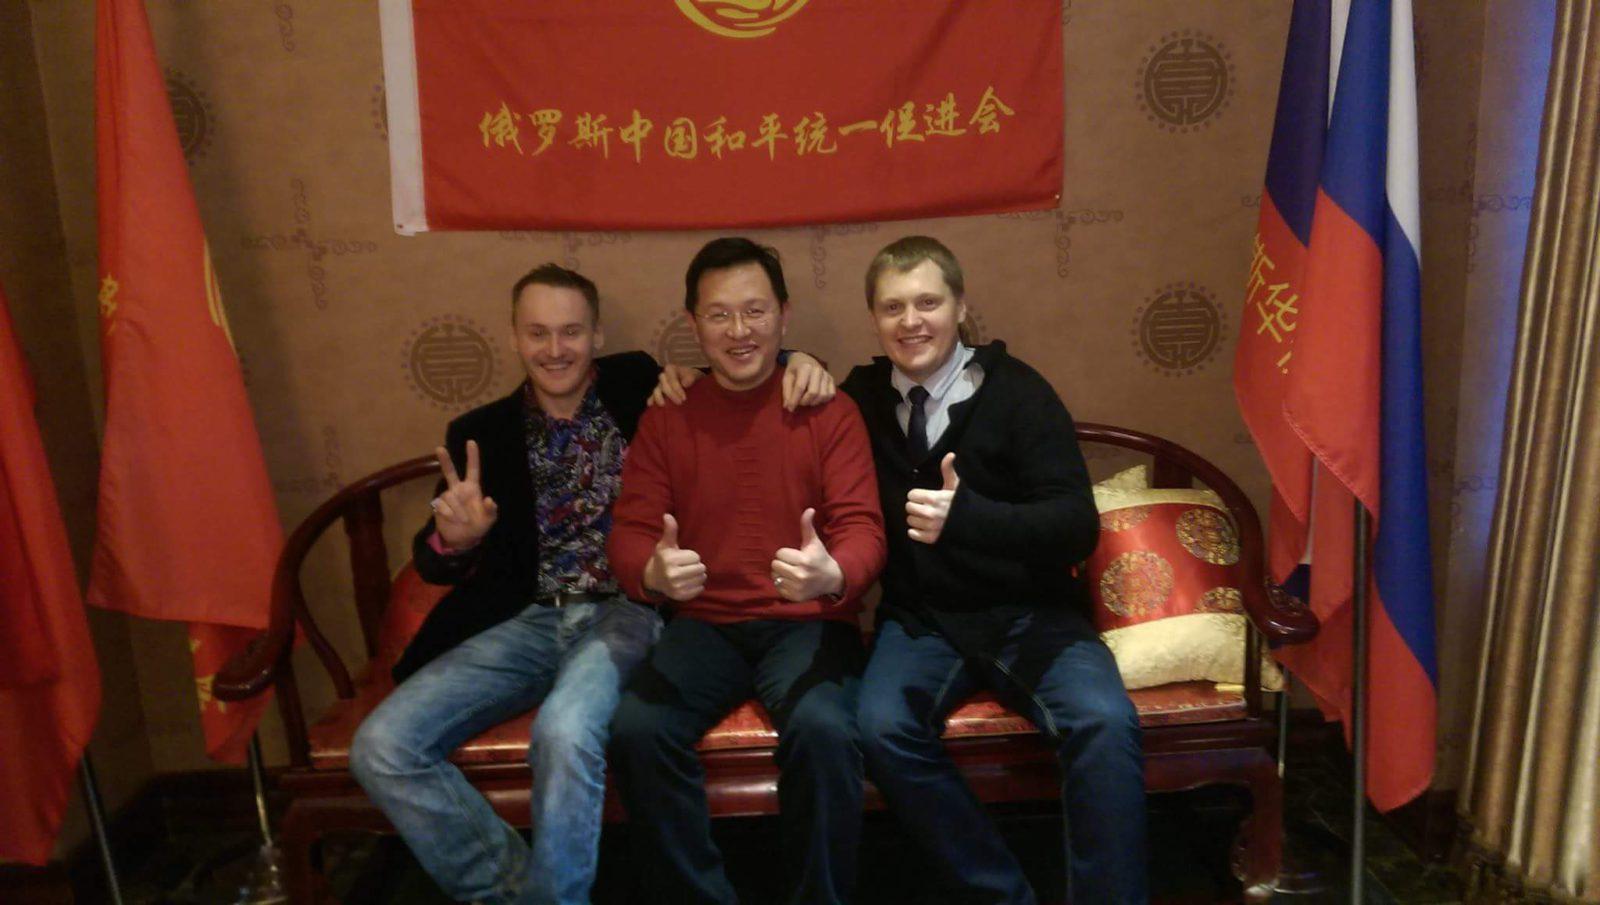 Типография #ВишнуВишну вошла в Китай 1